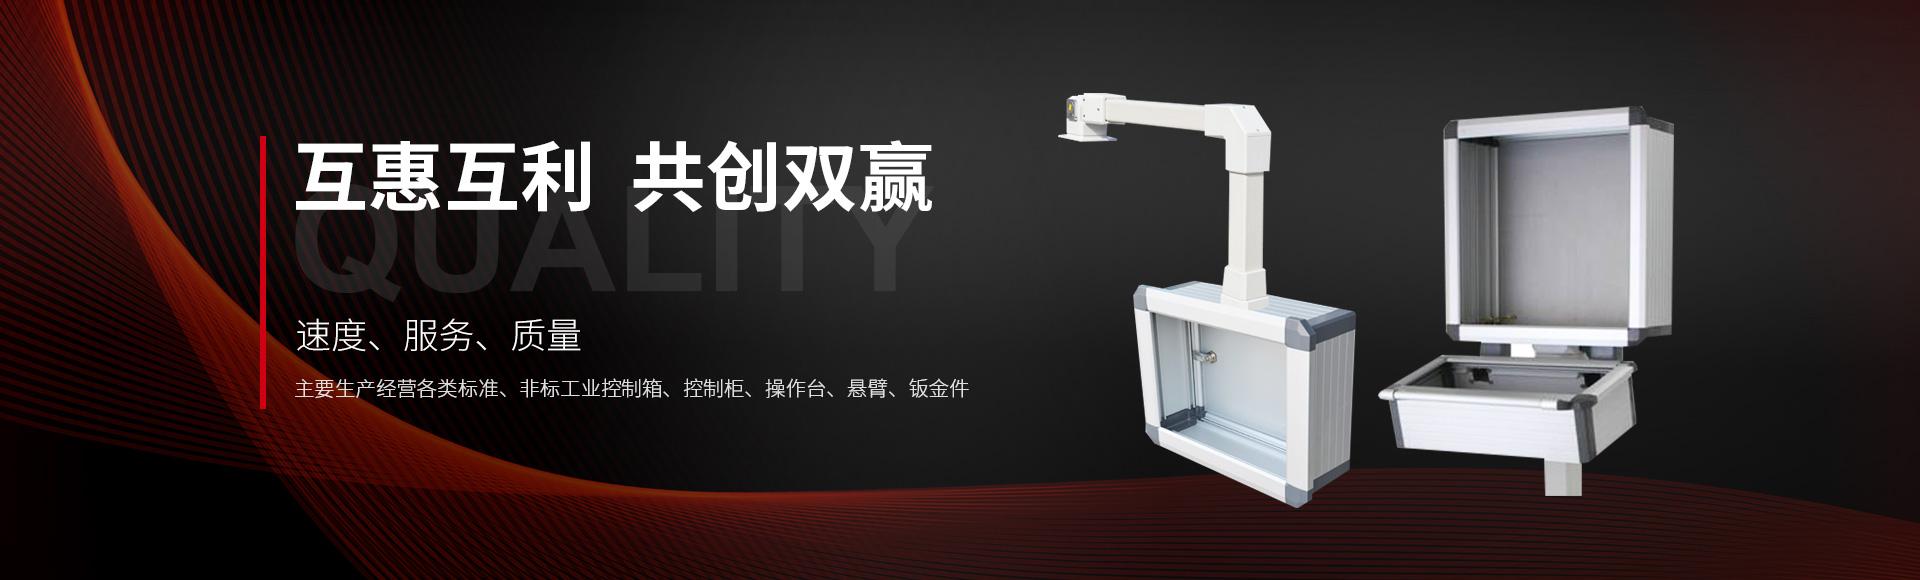 上海PLC控制柜厂家